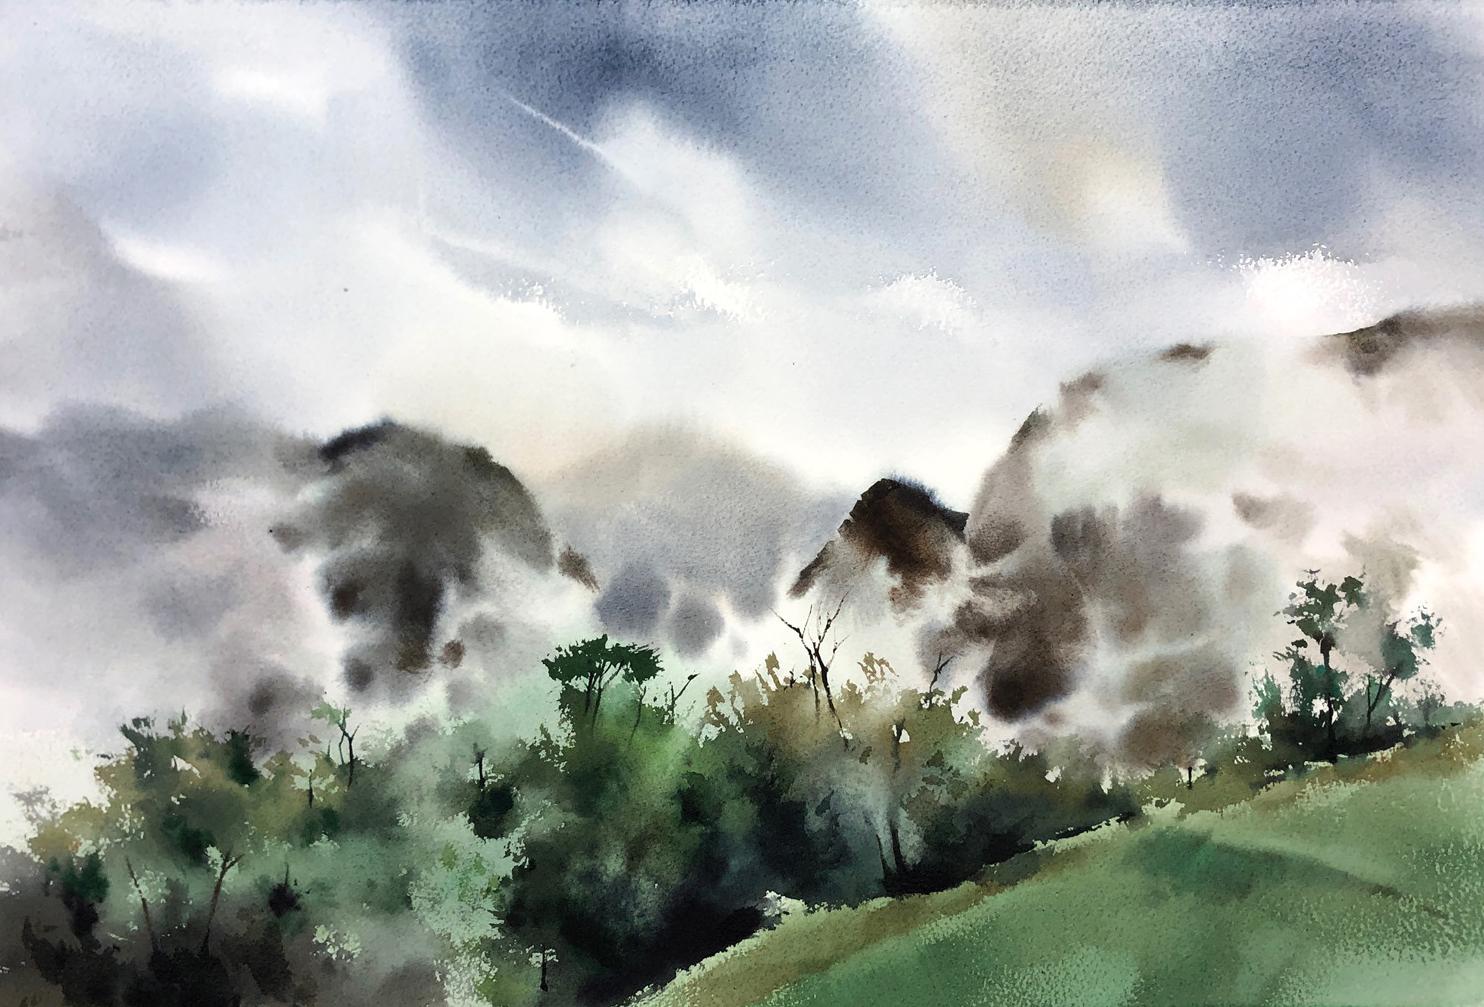 Mist in Peru